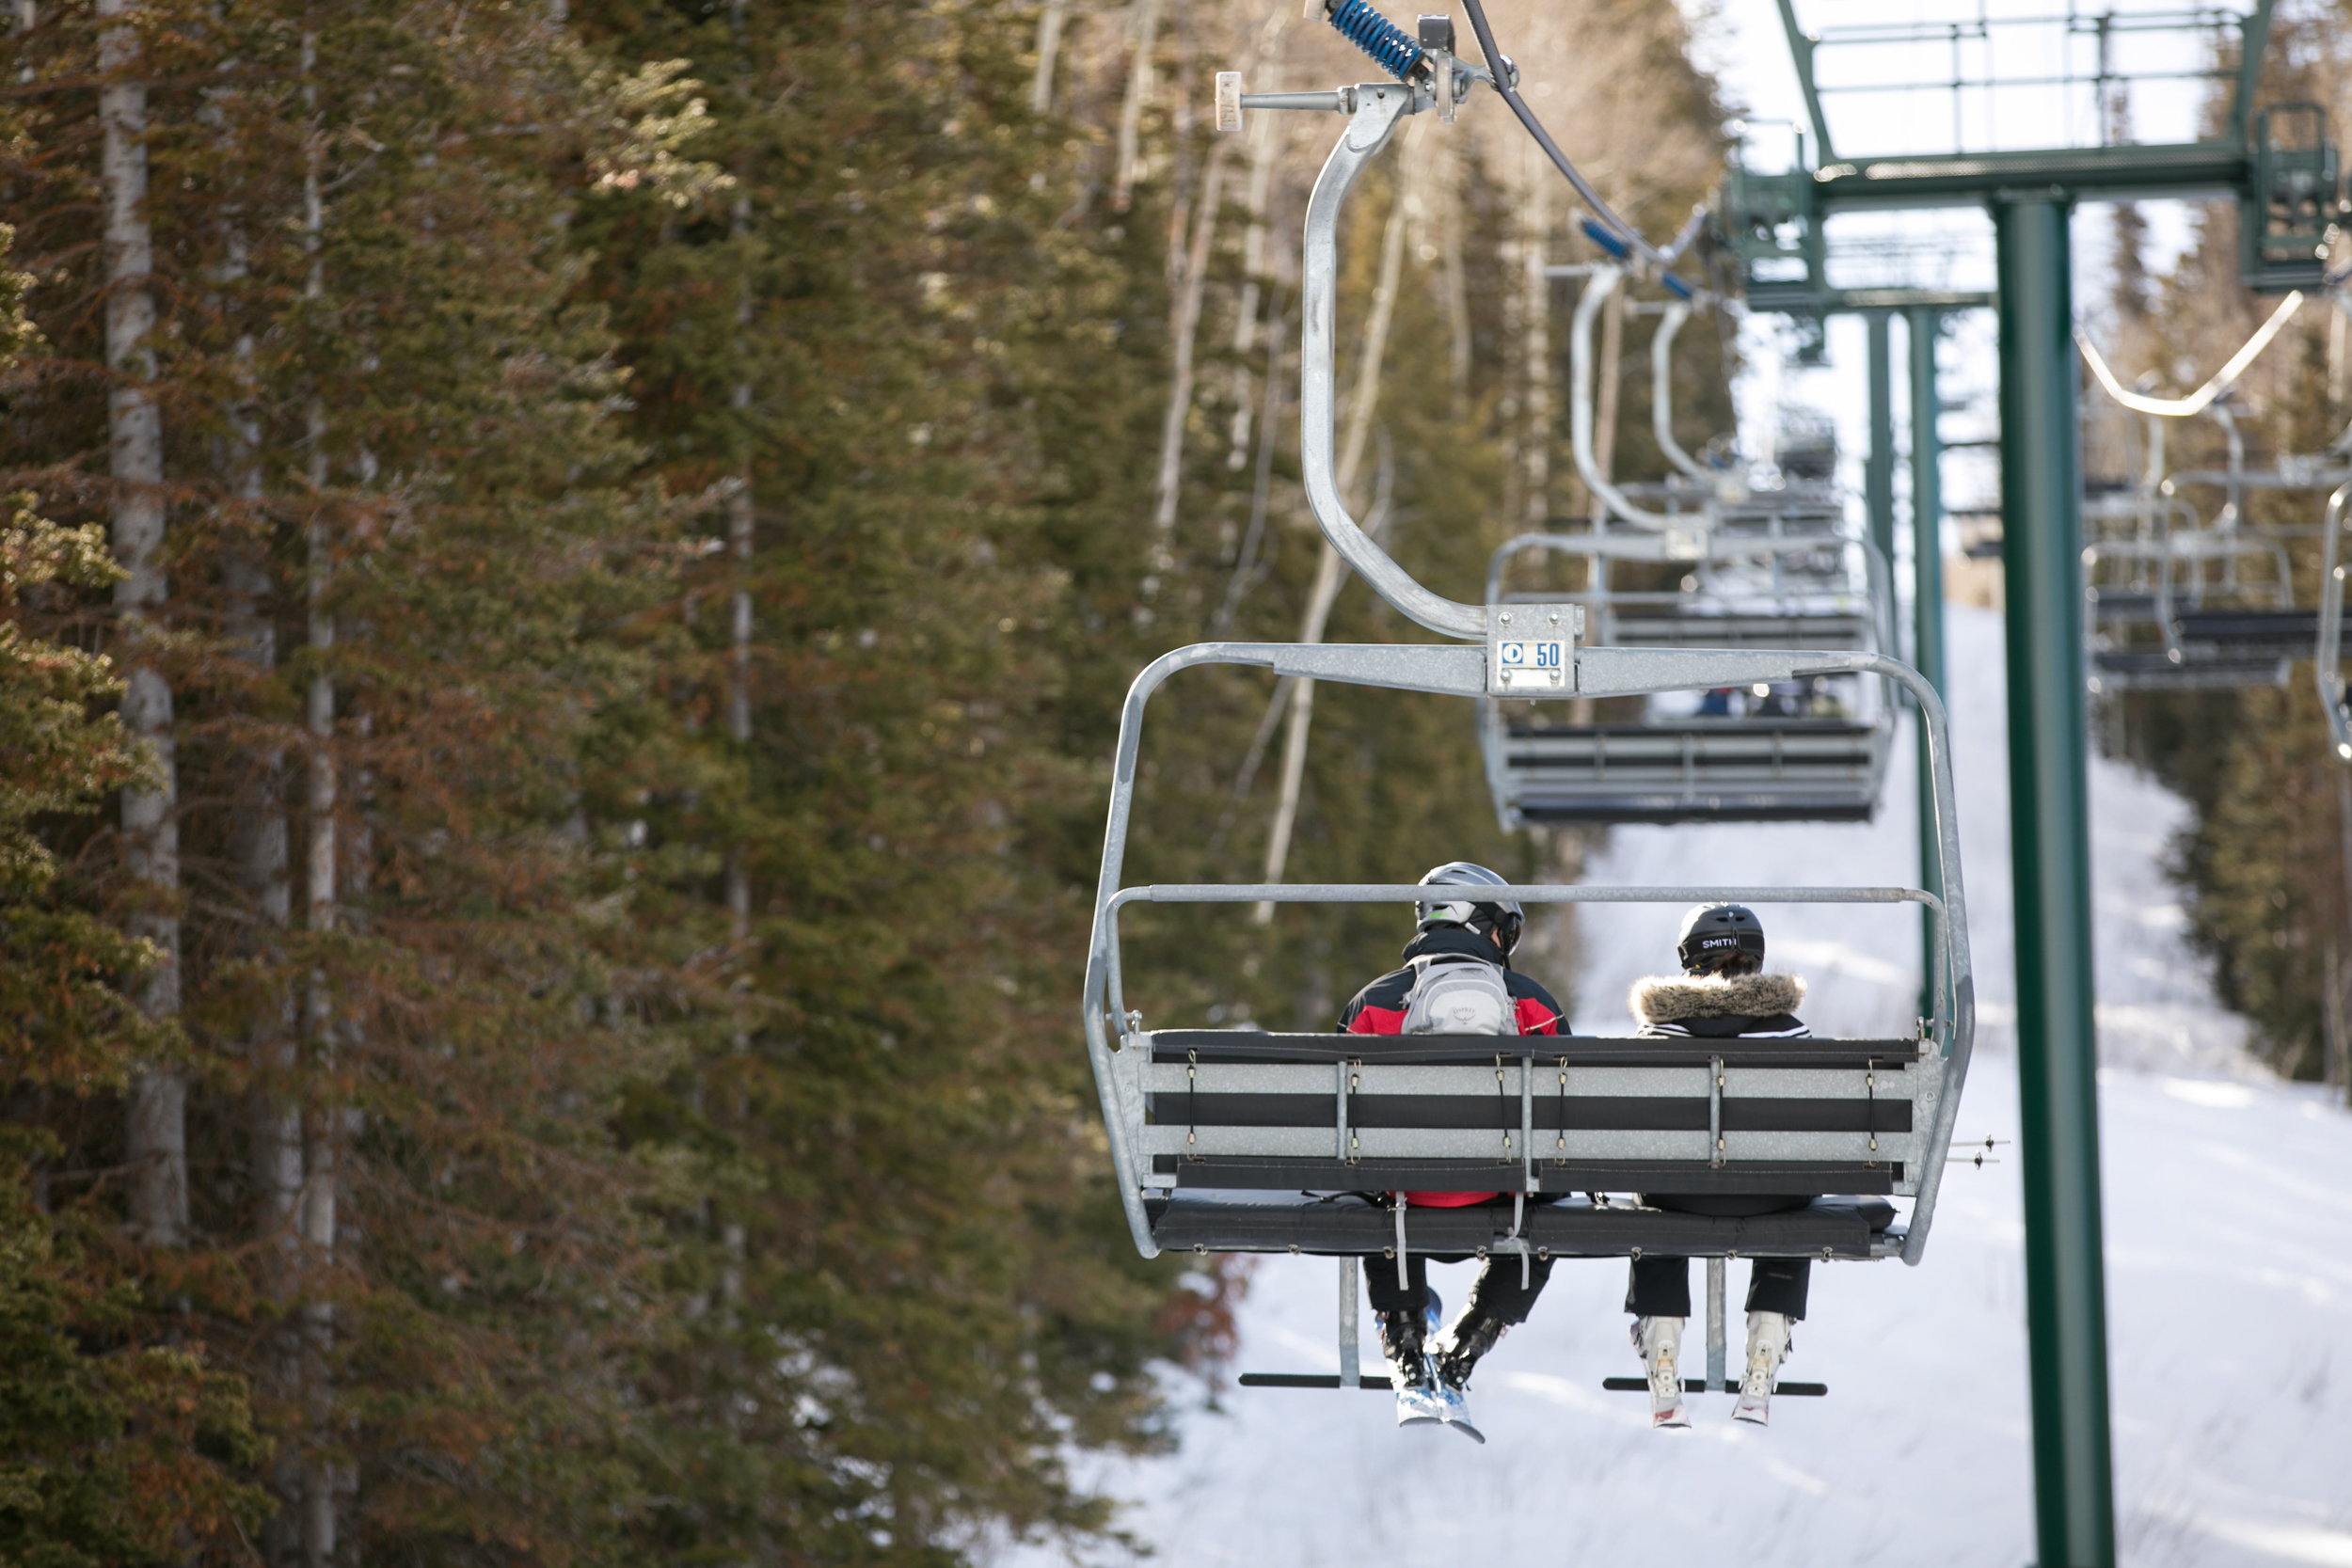 skiing proposal - deer valley resort | utah